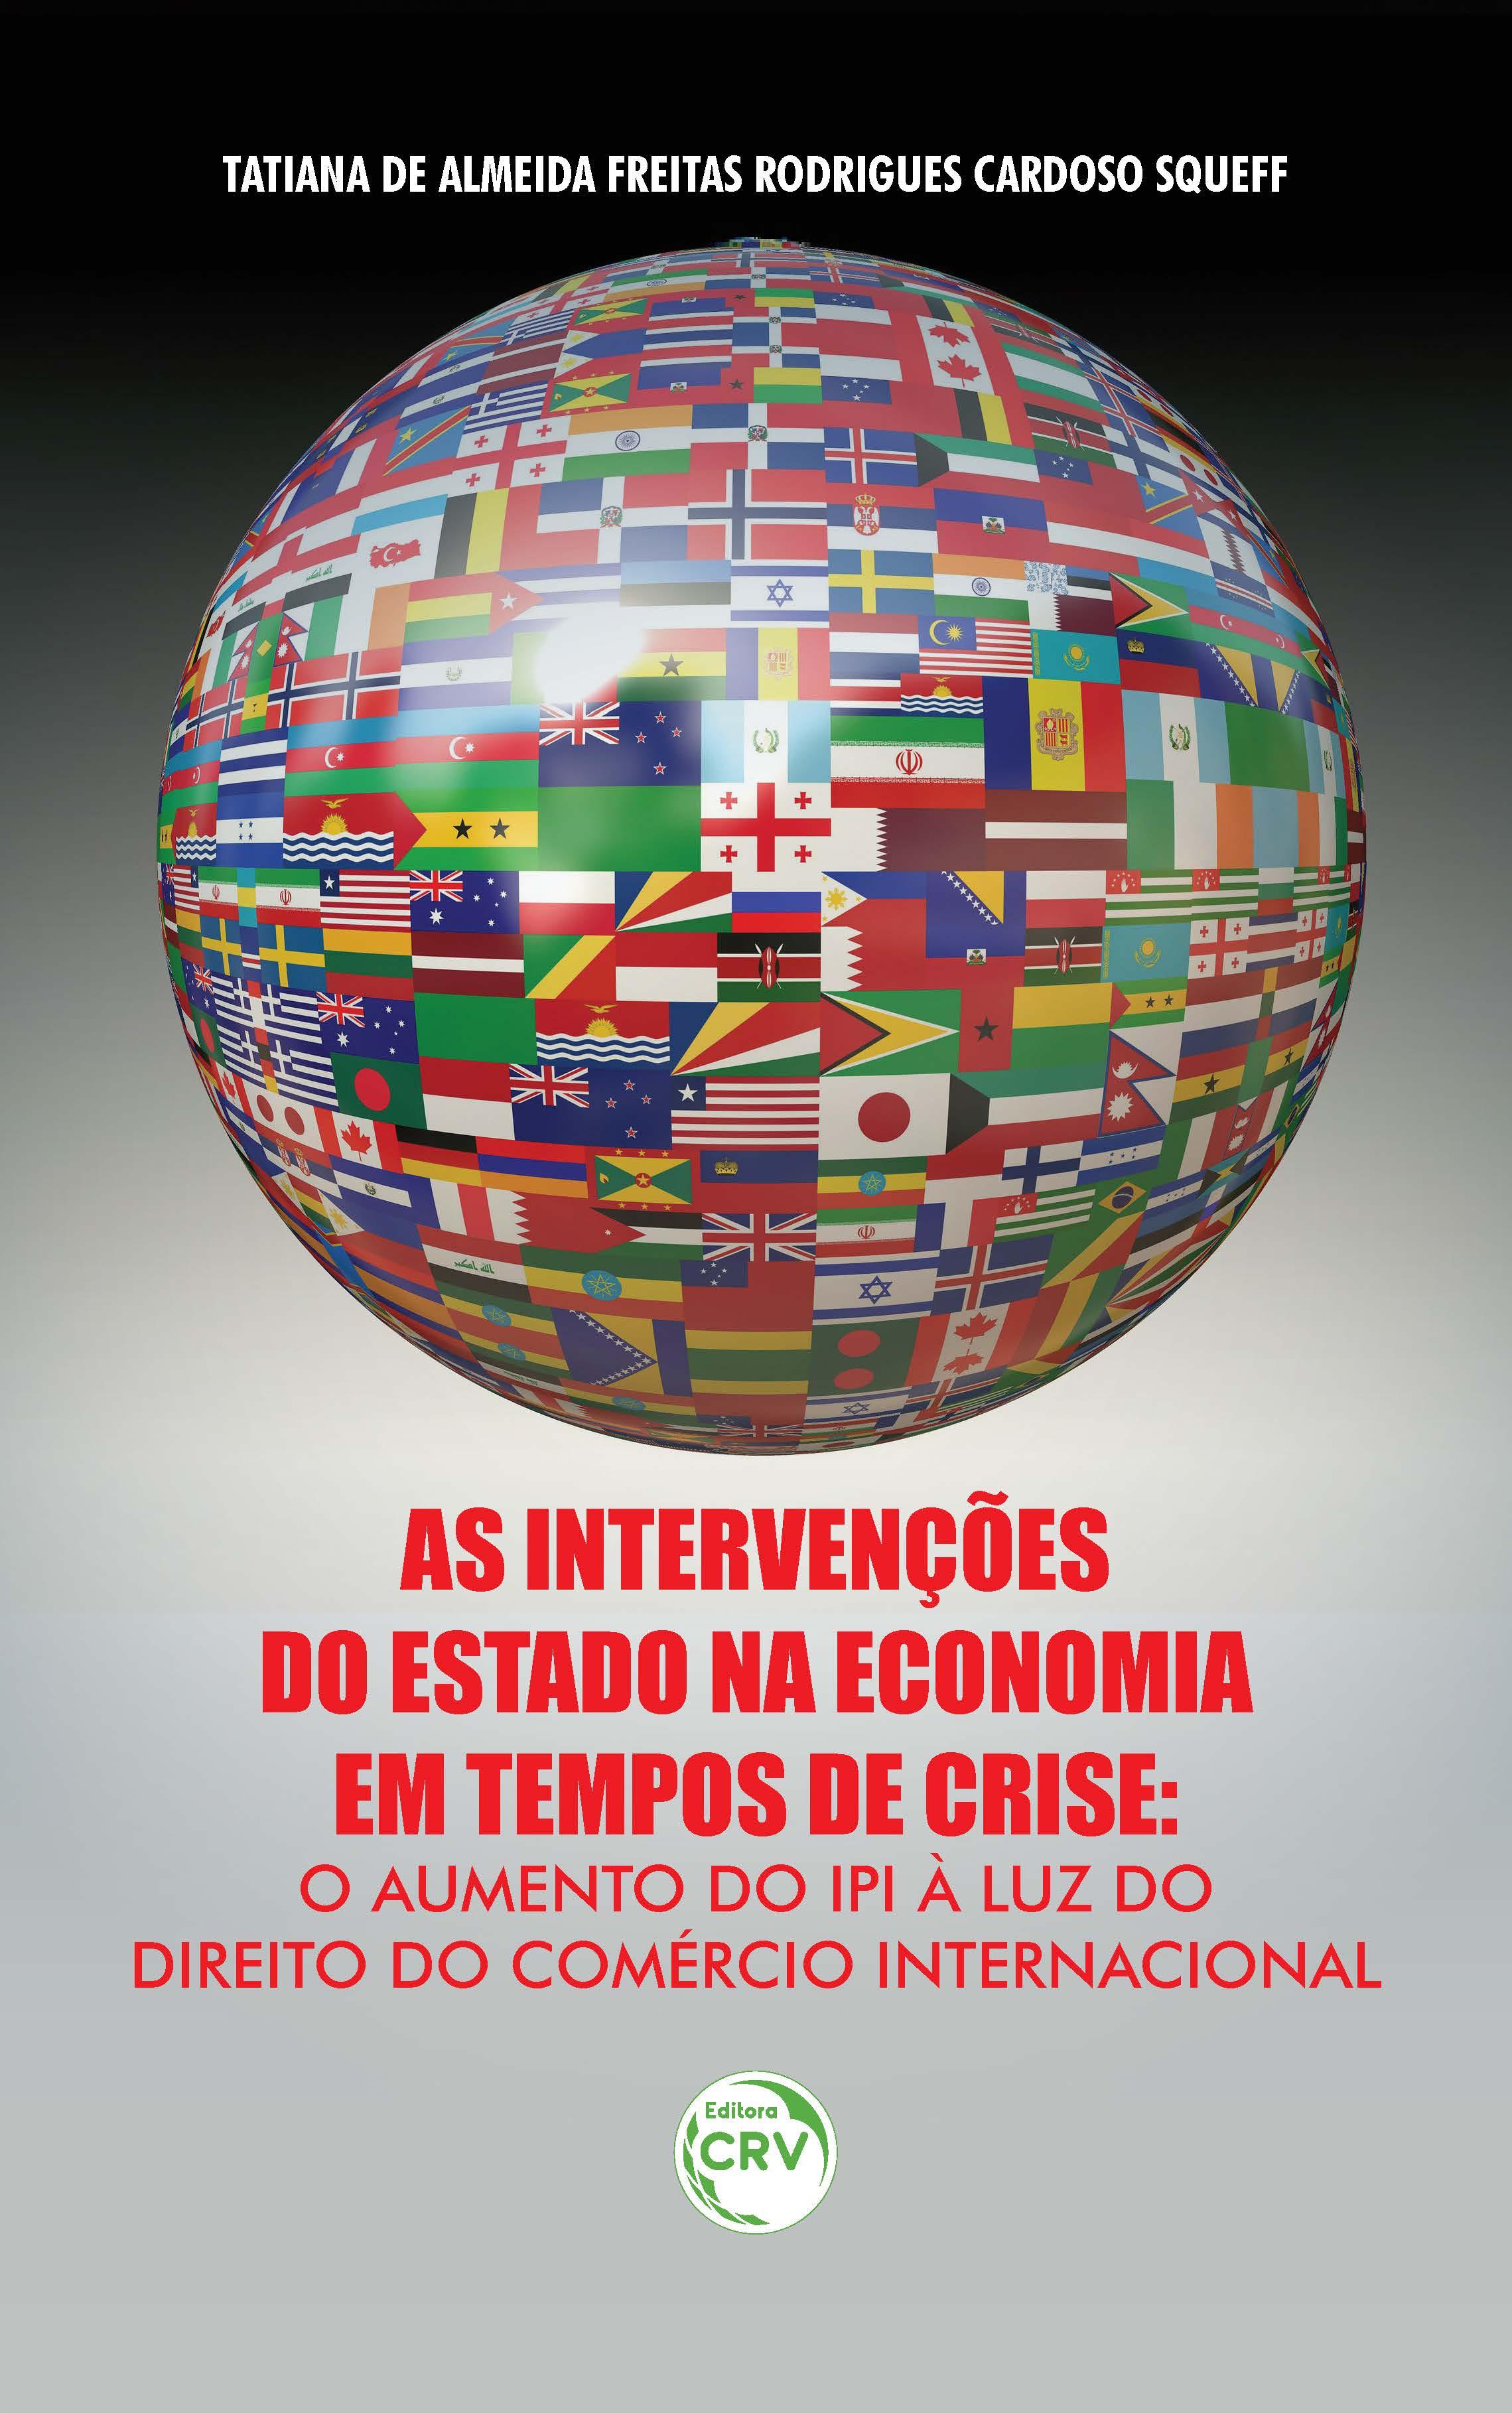 Capa do livro: AS INTERVENÇÕES DO ESTADO NA ECONOMIA EM TEMPOS DE CRISE:<br>o aumento do IPI à luz do Direito do comércio internacional